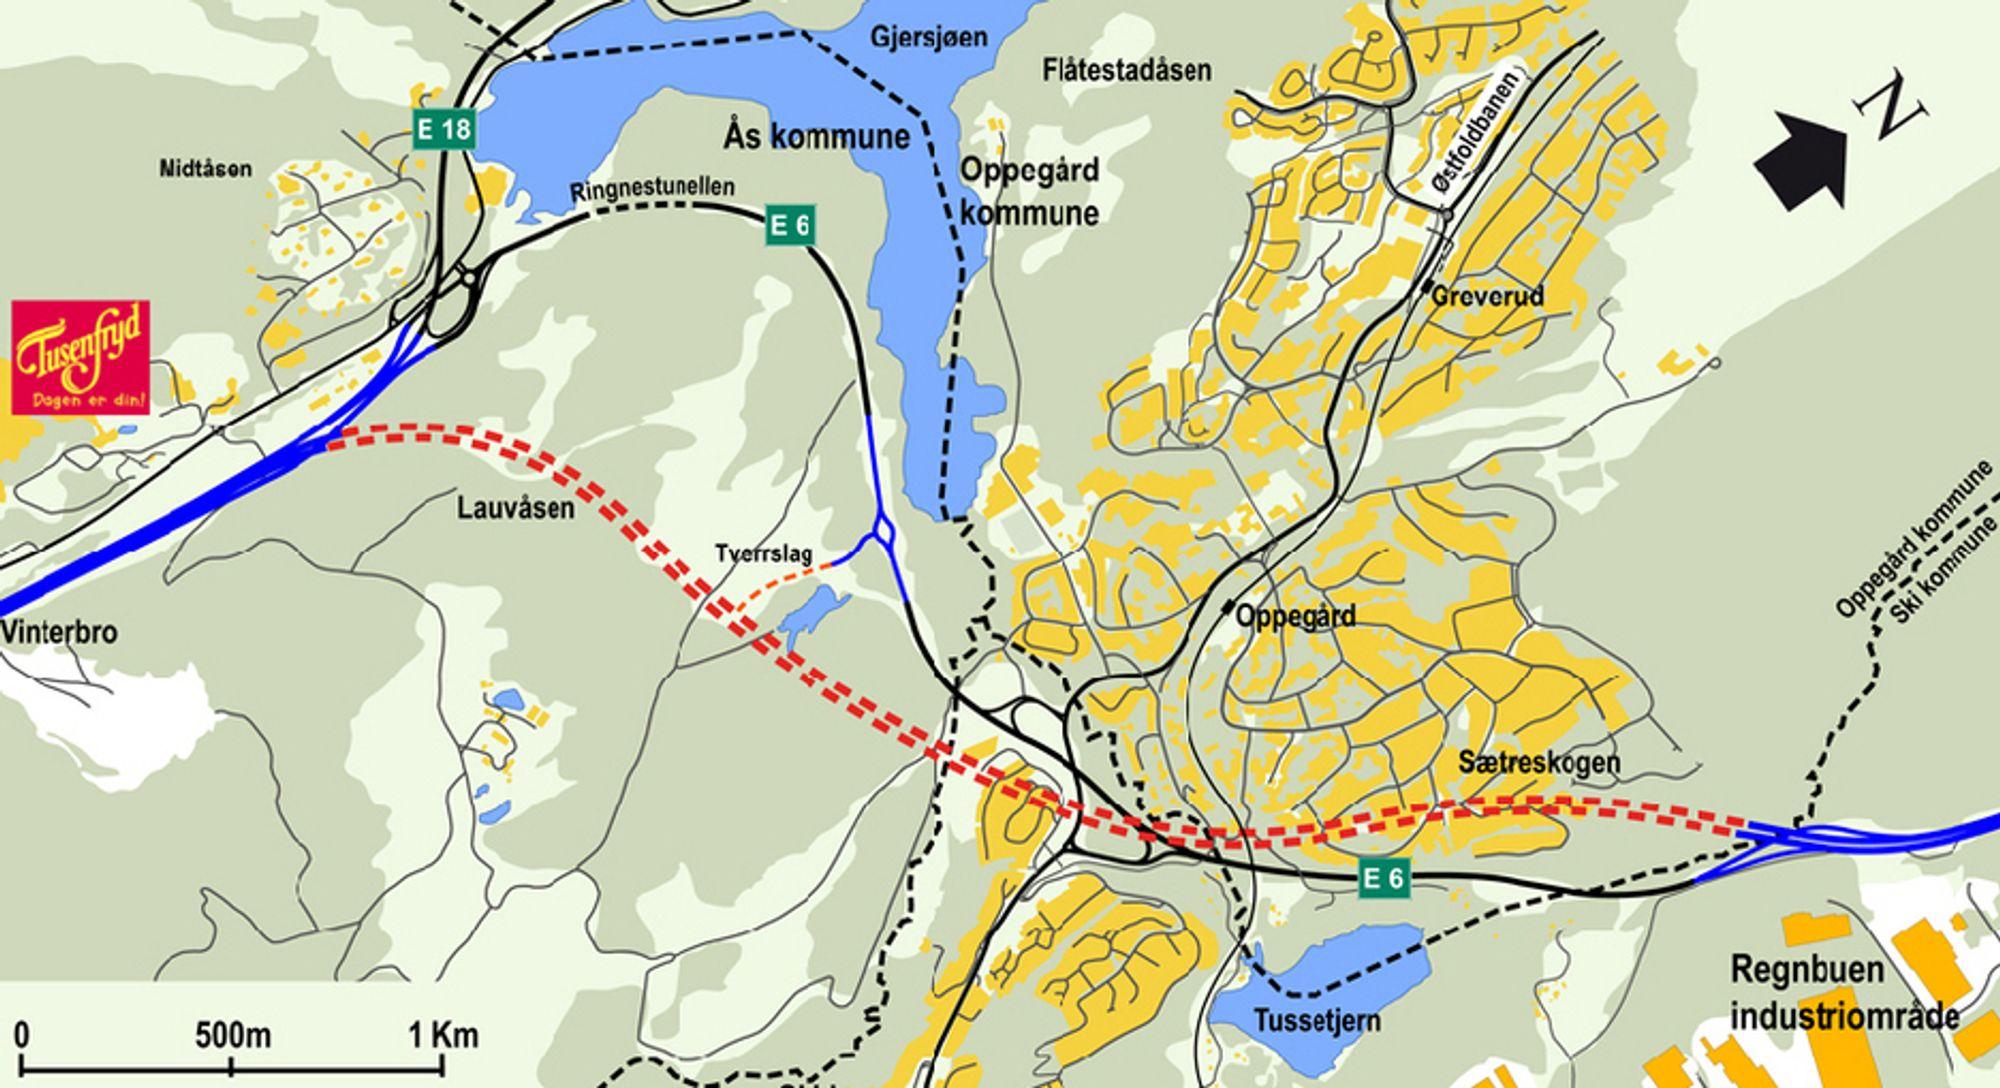 De som vil levere utstyr for videoovervåkning og hendelsesdetektering i Nøstvettunnelen på E 6 sør for Oslo, må levere anbud innen 6. november. (Ill.: Statens vegvesen)